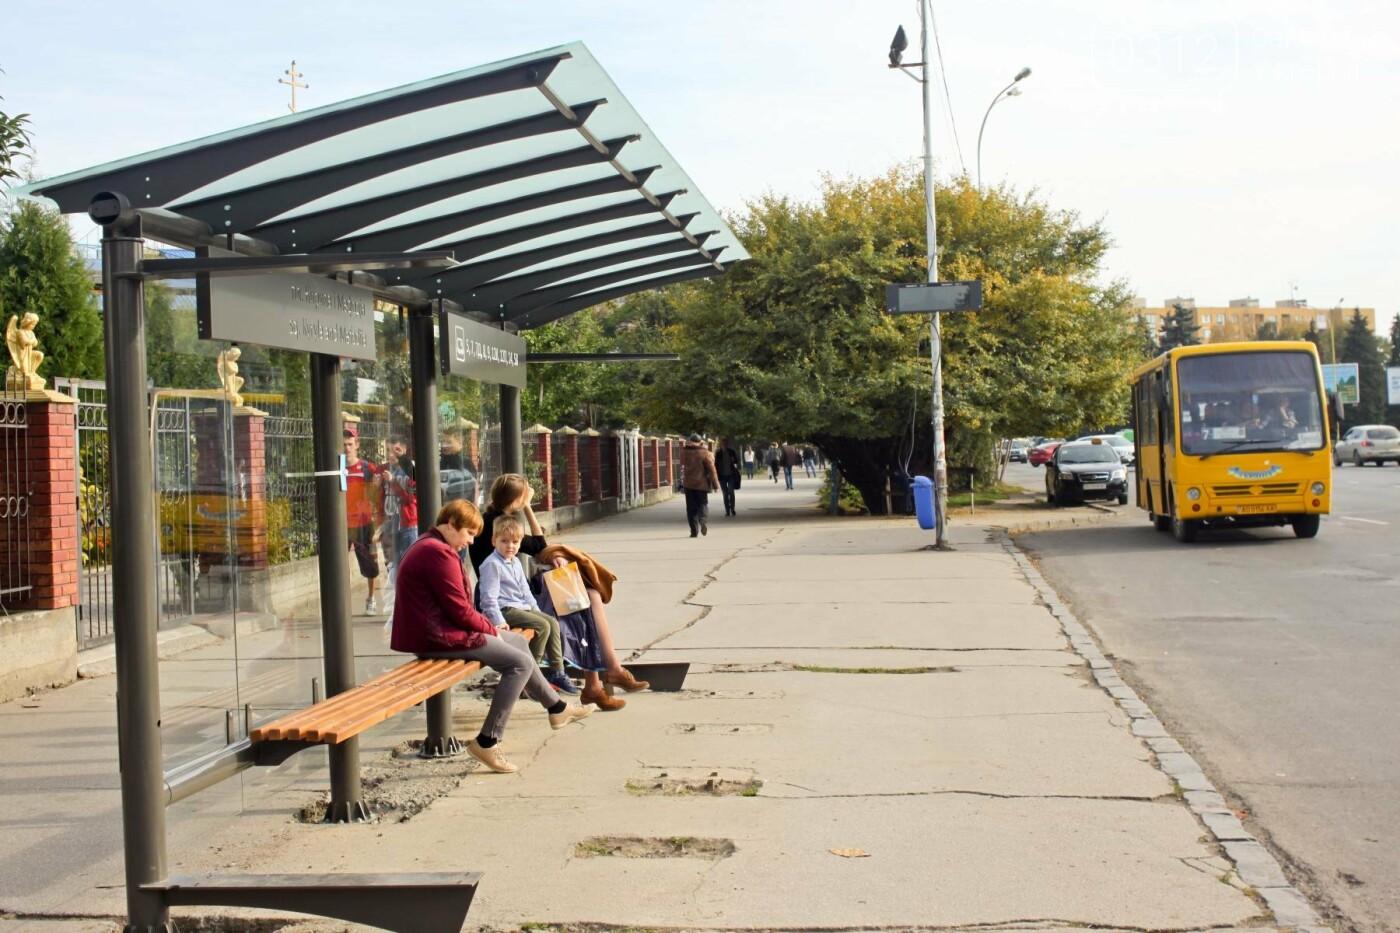 Антивандальне скло та відеоспостереження: чим дивуватимуть нові зупинки в Ужгороді? (ФОТОРЕПОРТАЖ), фото-10